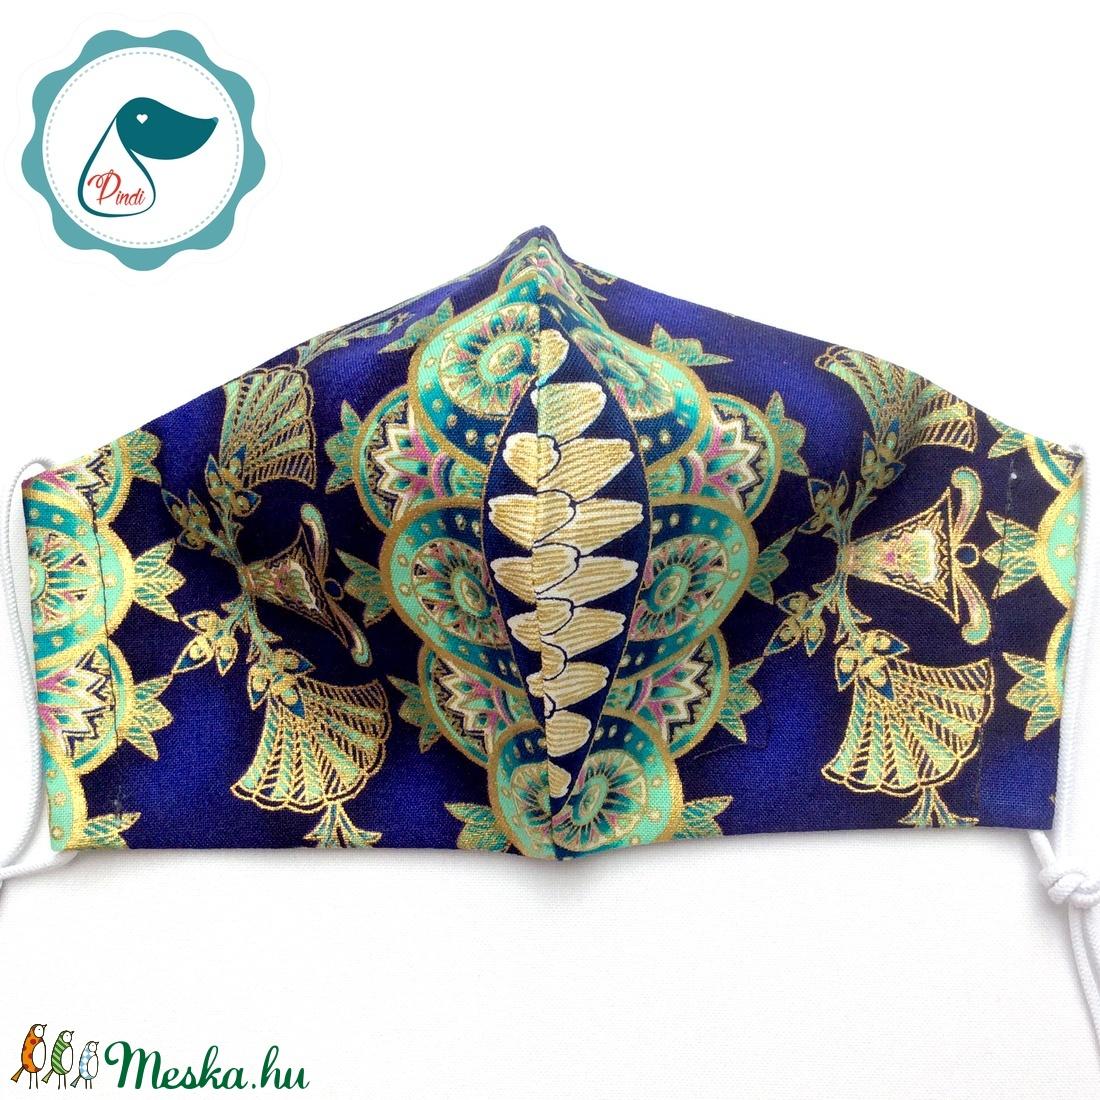 Egyedi exluziv arany,mintás textil -prémium felnőtt női és teenager arcmaszk - keleti motívumok - egészségügyi szájmaszk - maszk, arcmaszk - női - Meska.hu